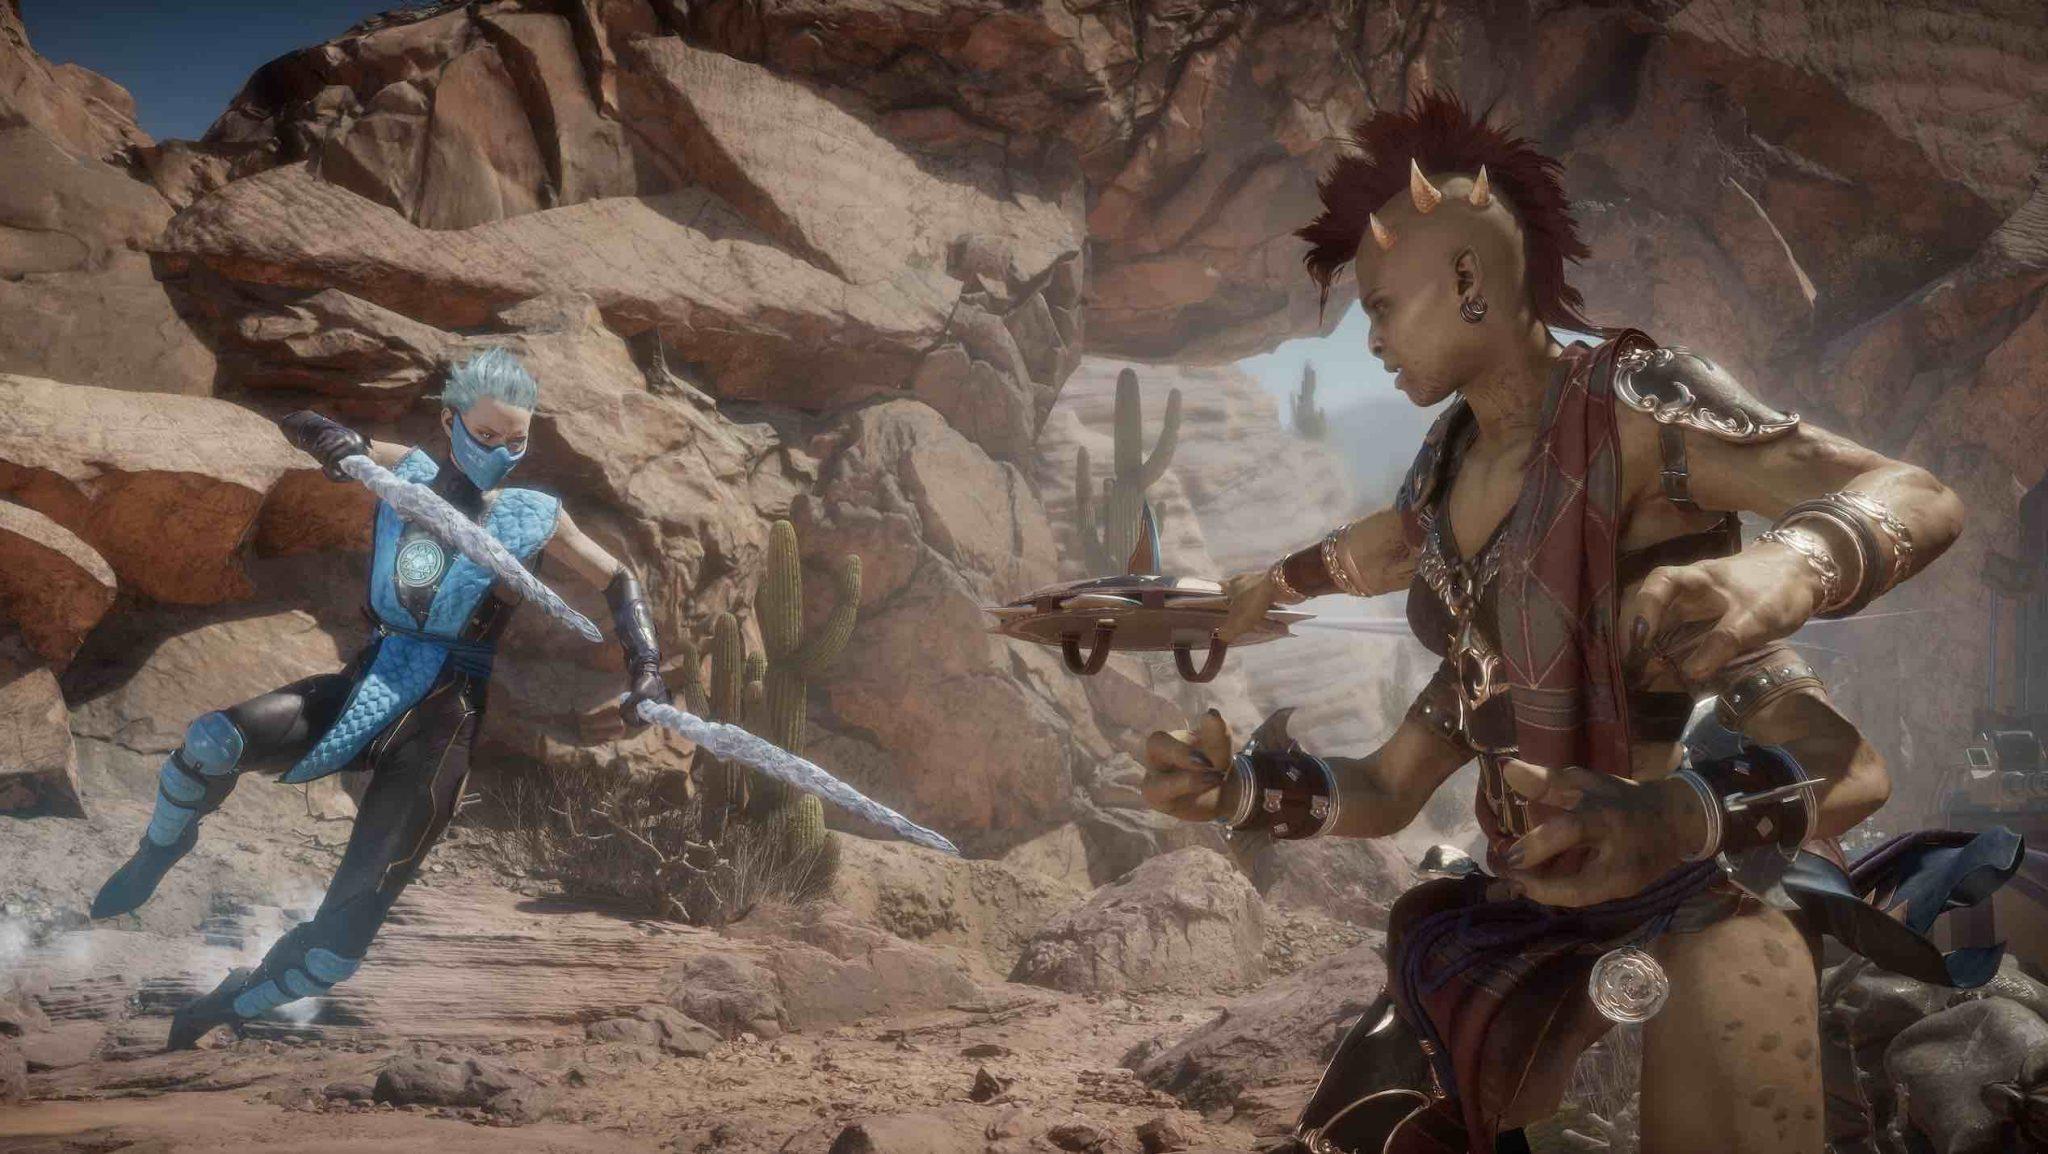 imagen de Mortal Kombat 11 Aftermath con Sheeva y Frost